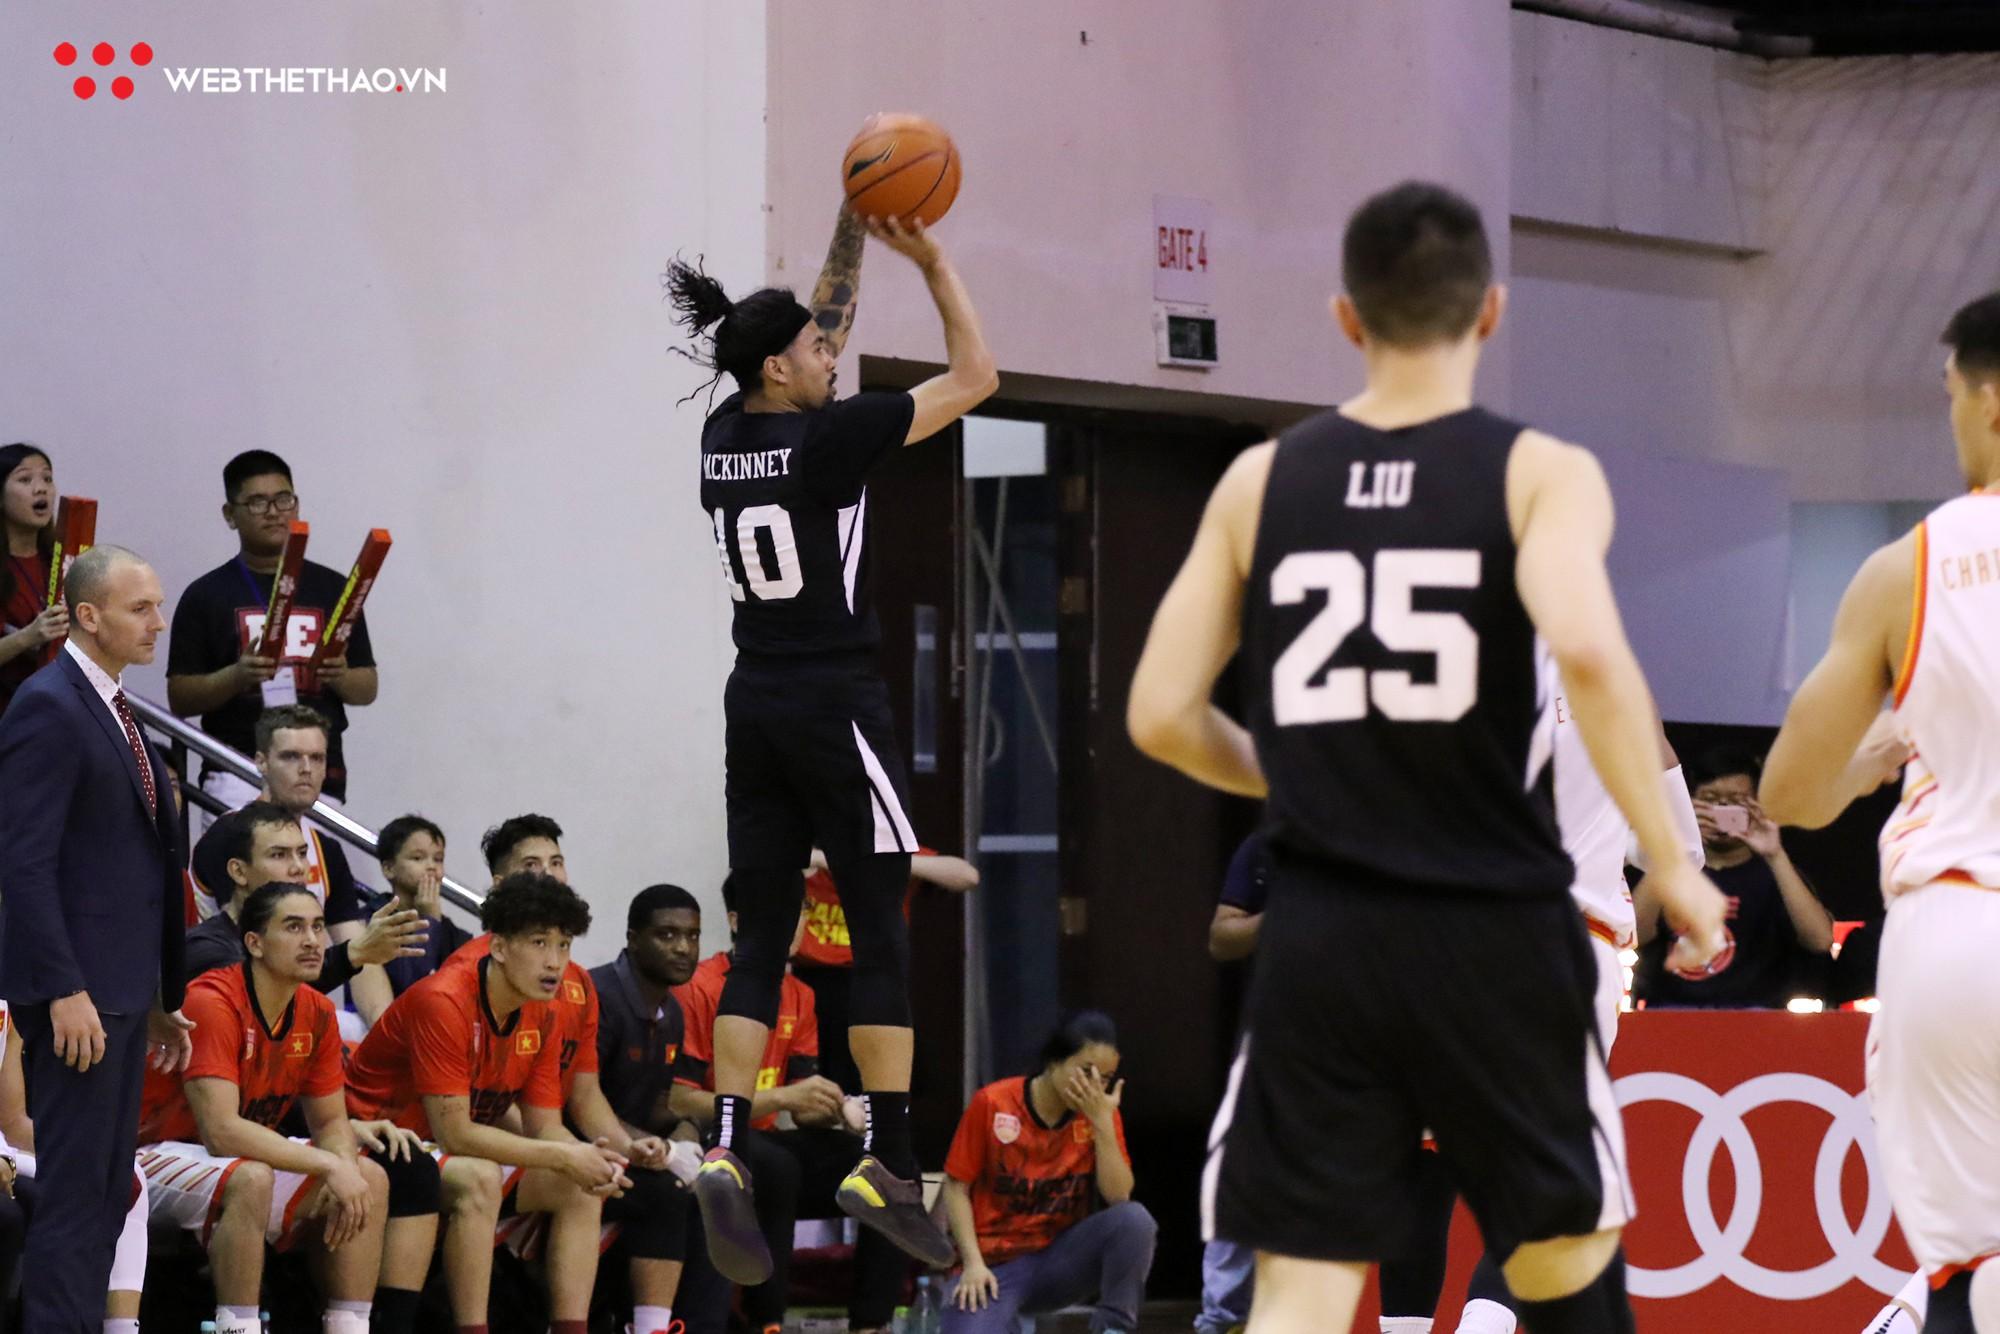 Trevon Hughes và Sang Đinh xuất sắc mang về chiến thắng nghẹt thở cho Saigon Heat trước Macau Black Bears - Ảnh 2.